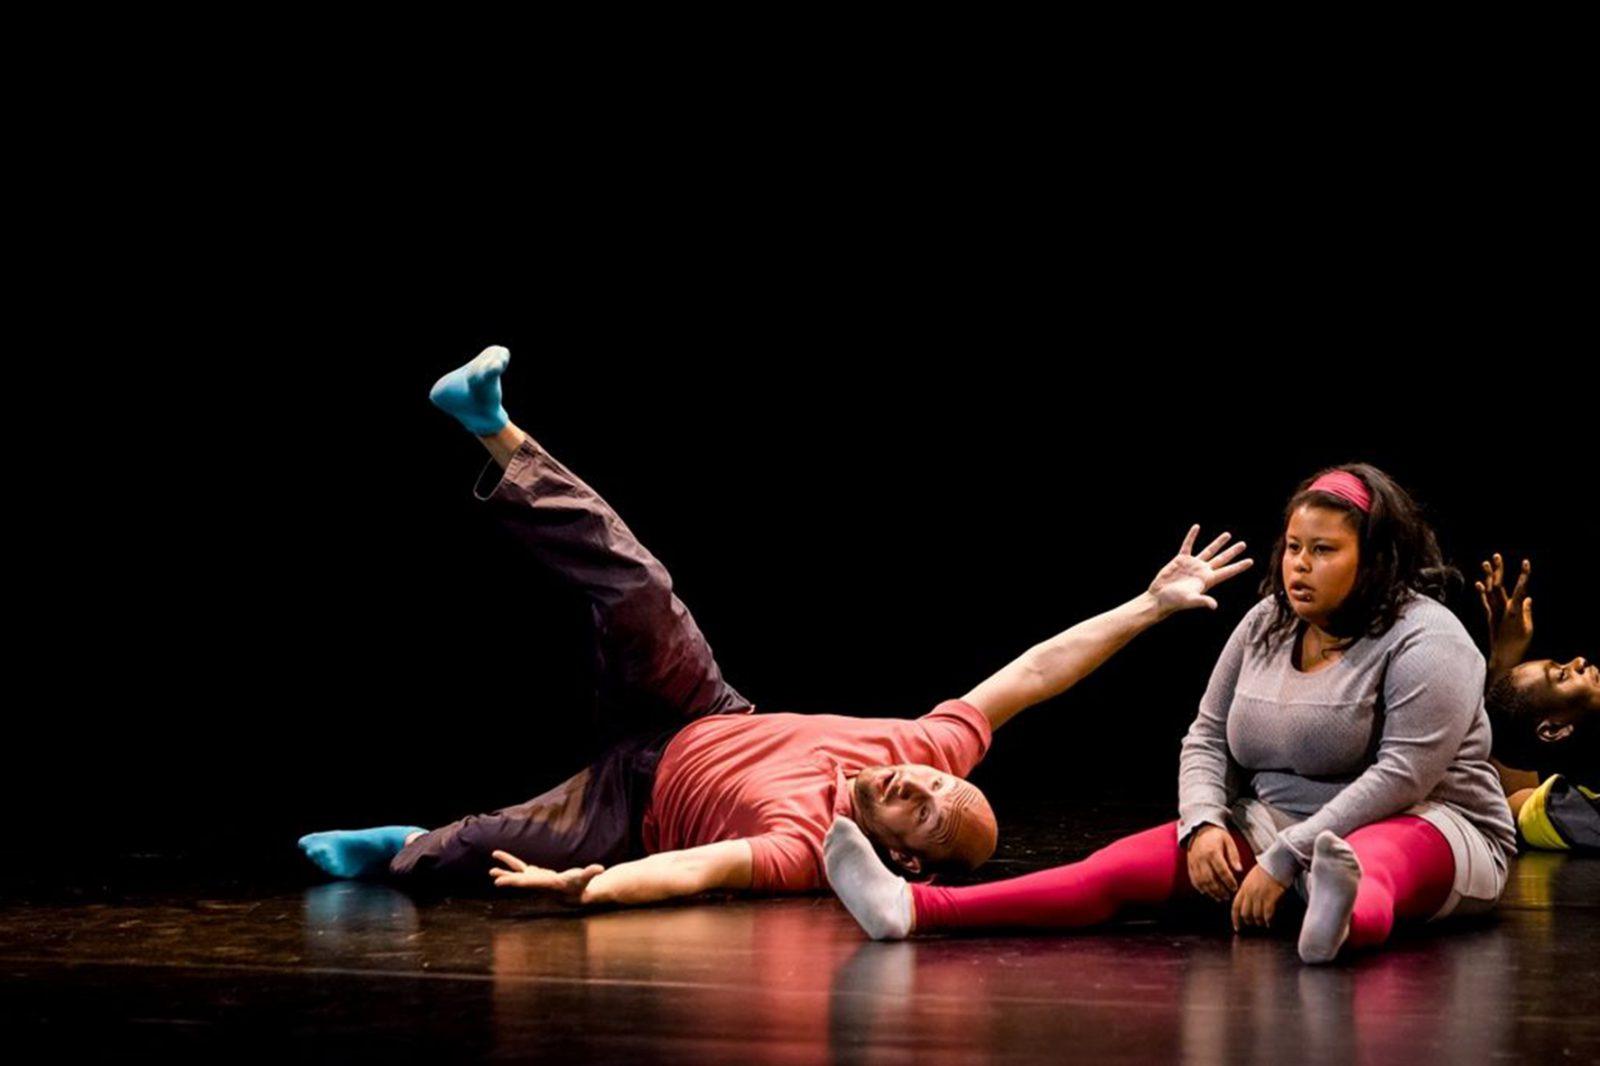 zwei TänzerInnen liegen am Boden